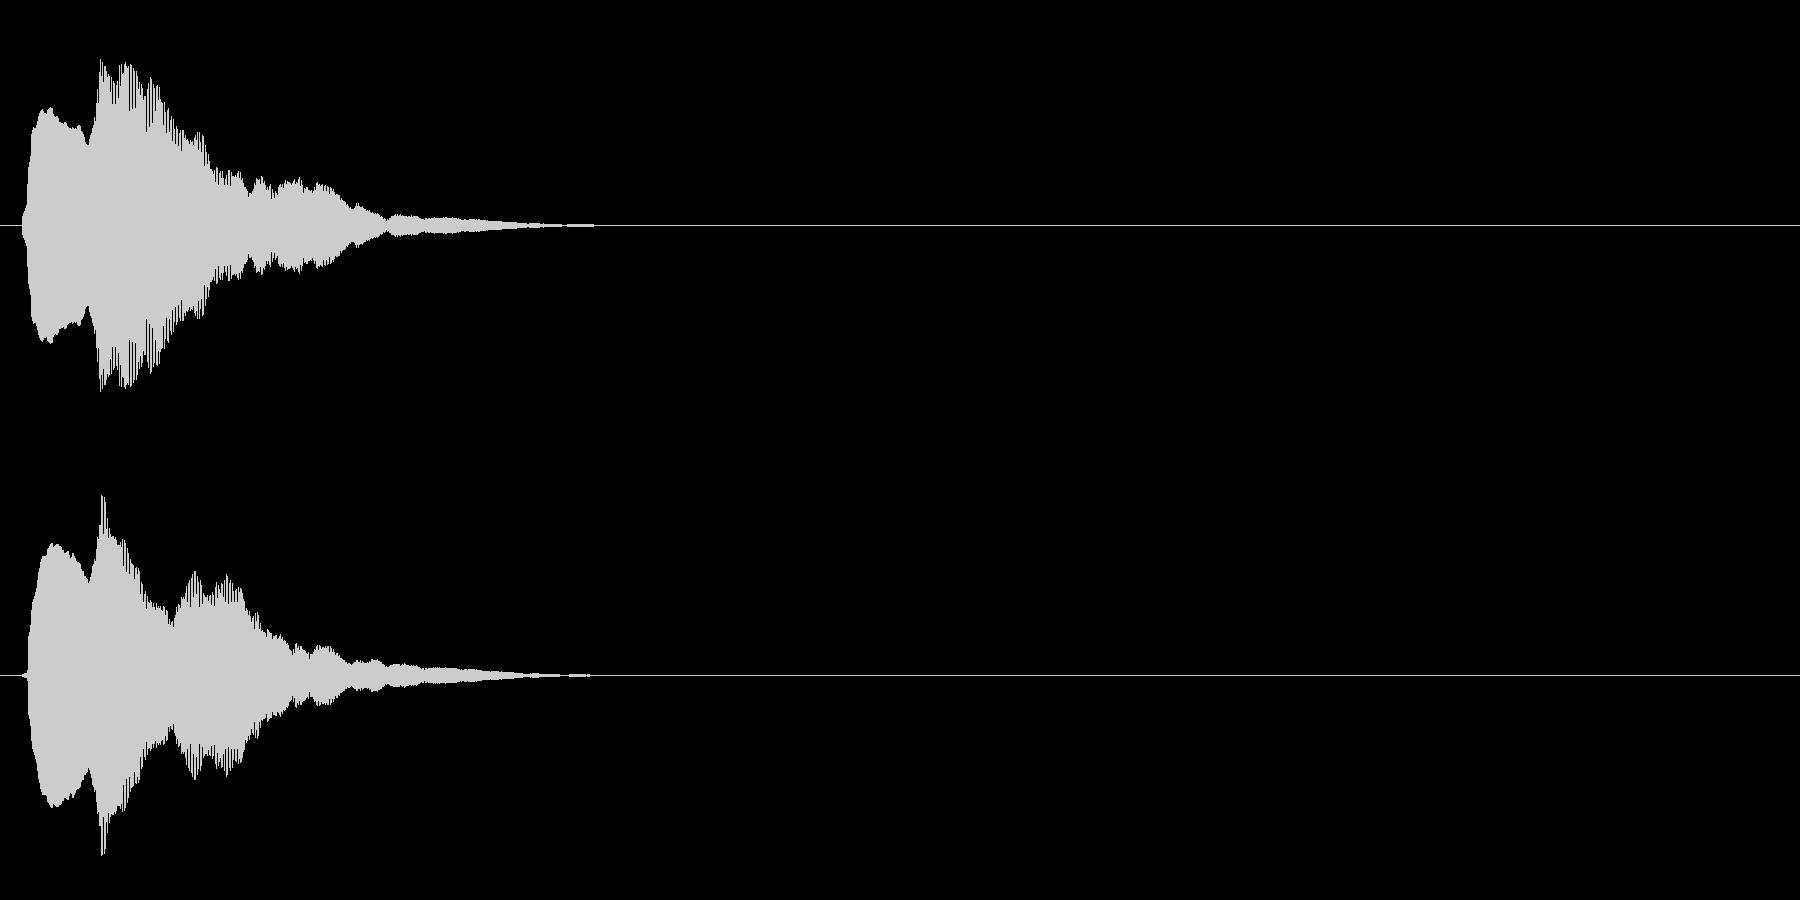 汎用 キラキラ系02(小) キャンセル音の未再生の波形